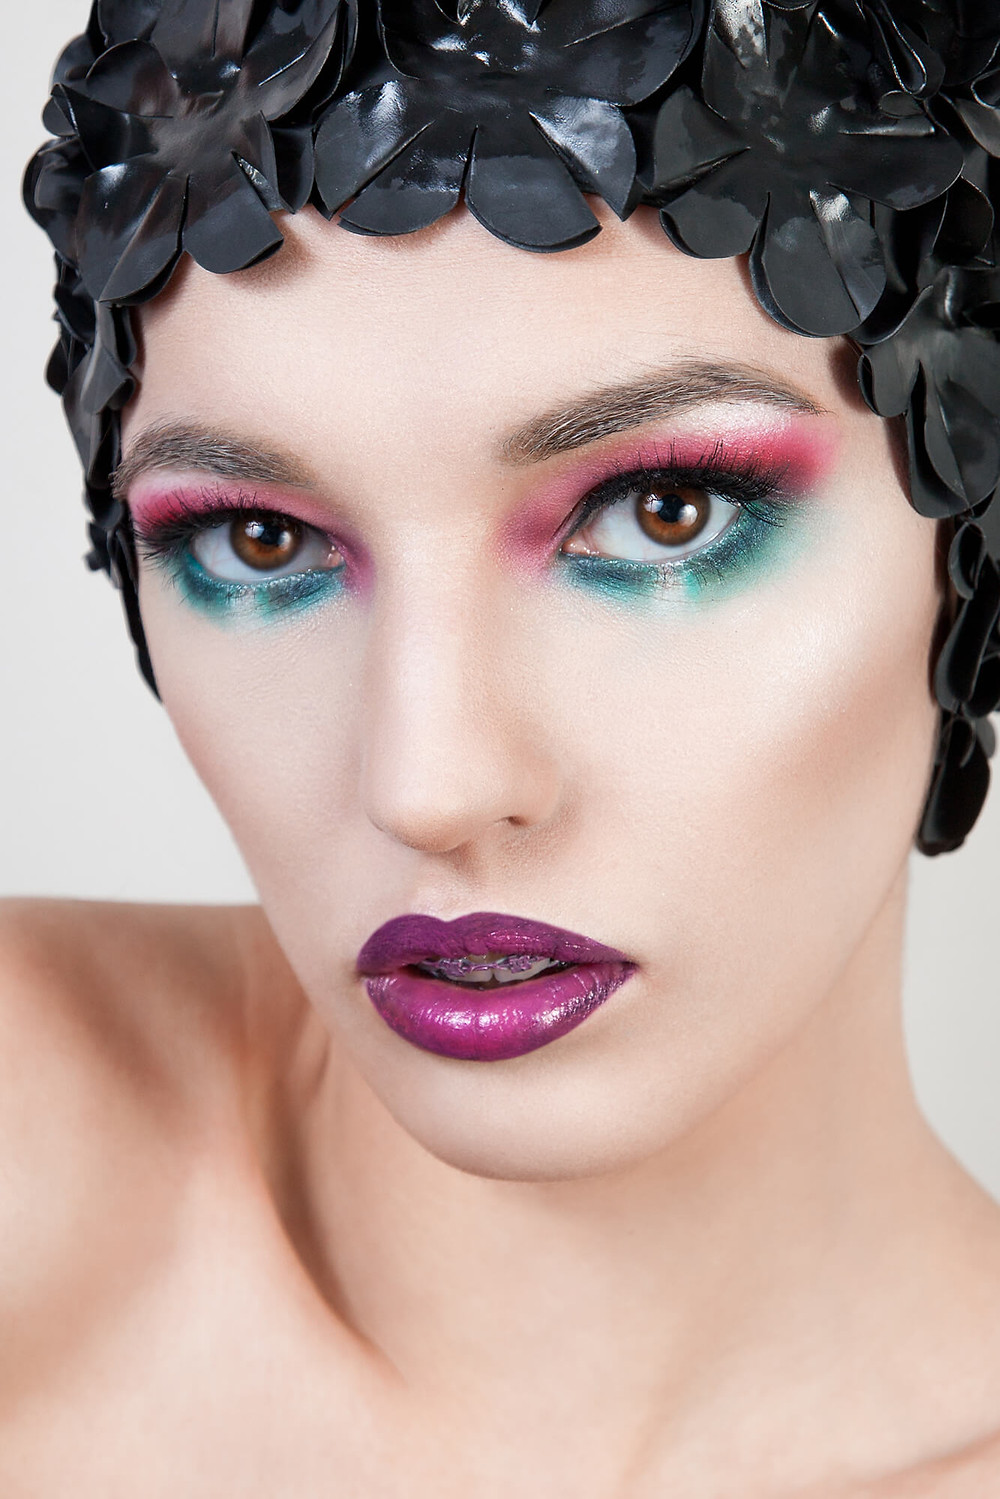 Kolorowy edytorial beauty z czepkiem na głowie